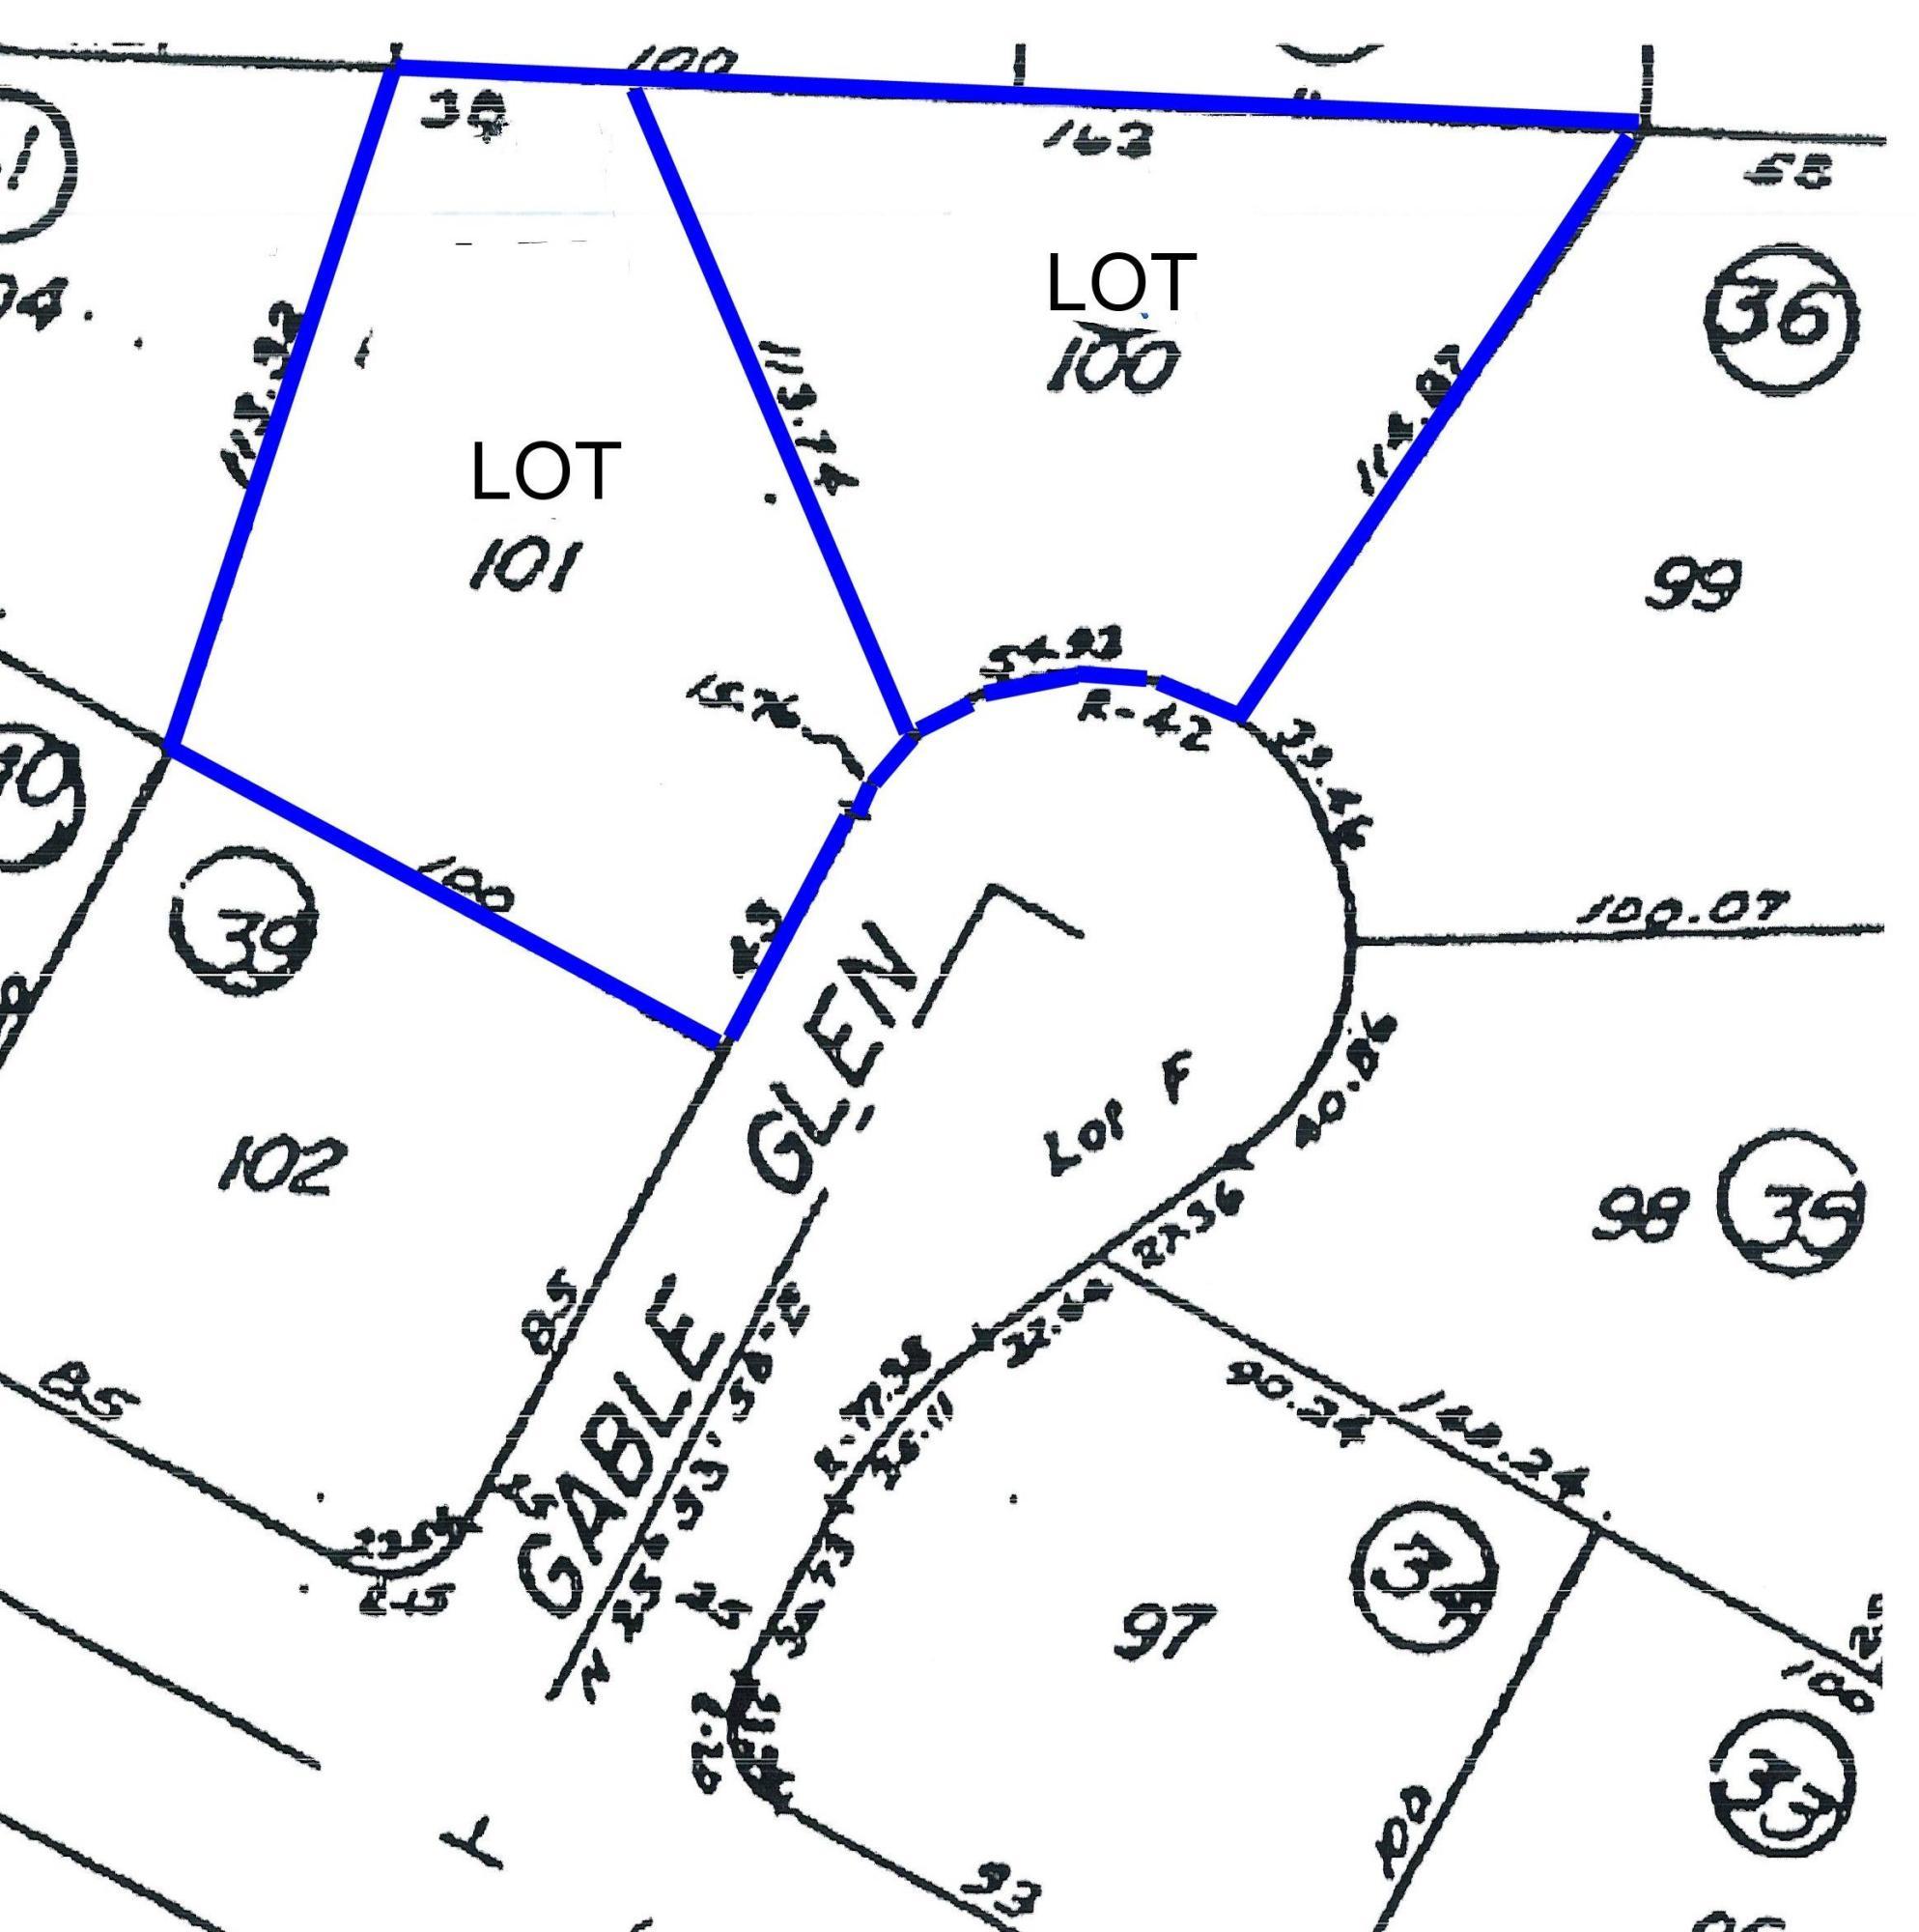 101 Gable Glen Street, Bermuda Dunes, California 92203, ,Land,For Sale,101 Gable Glen Street,219043134